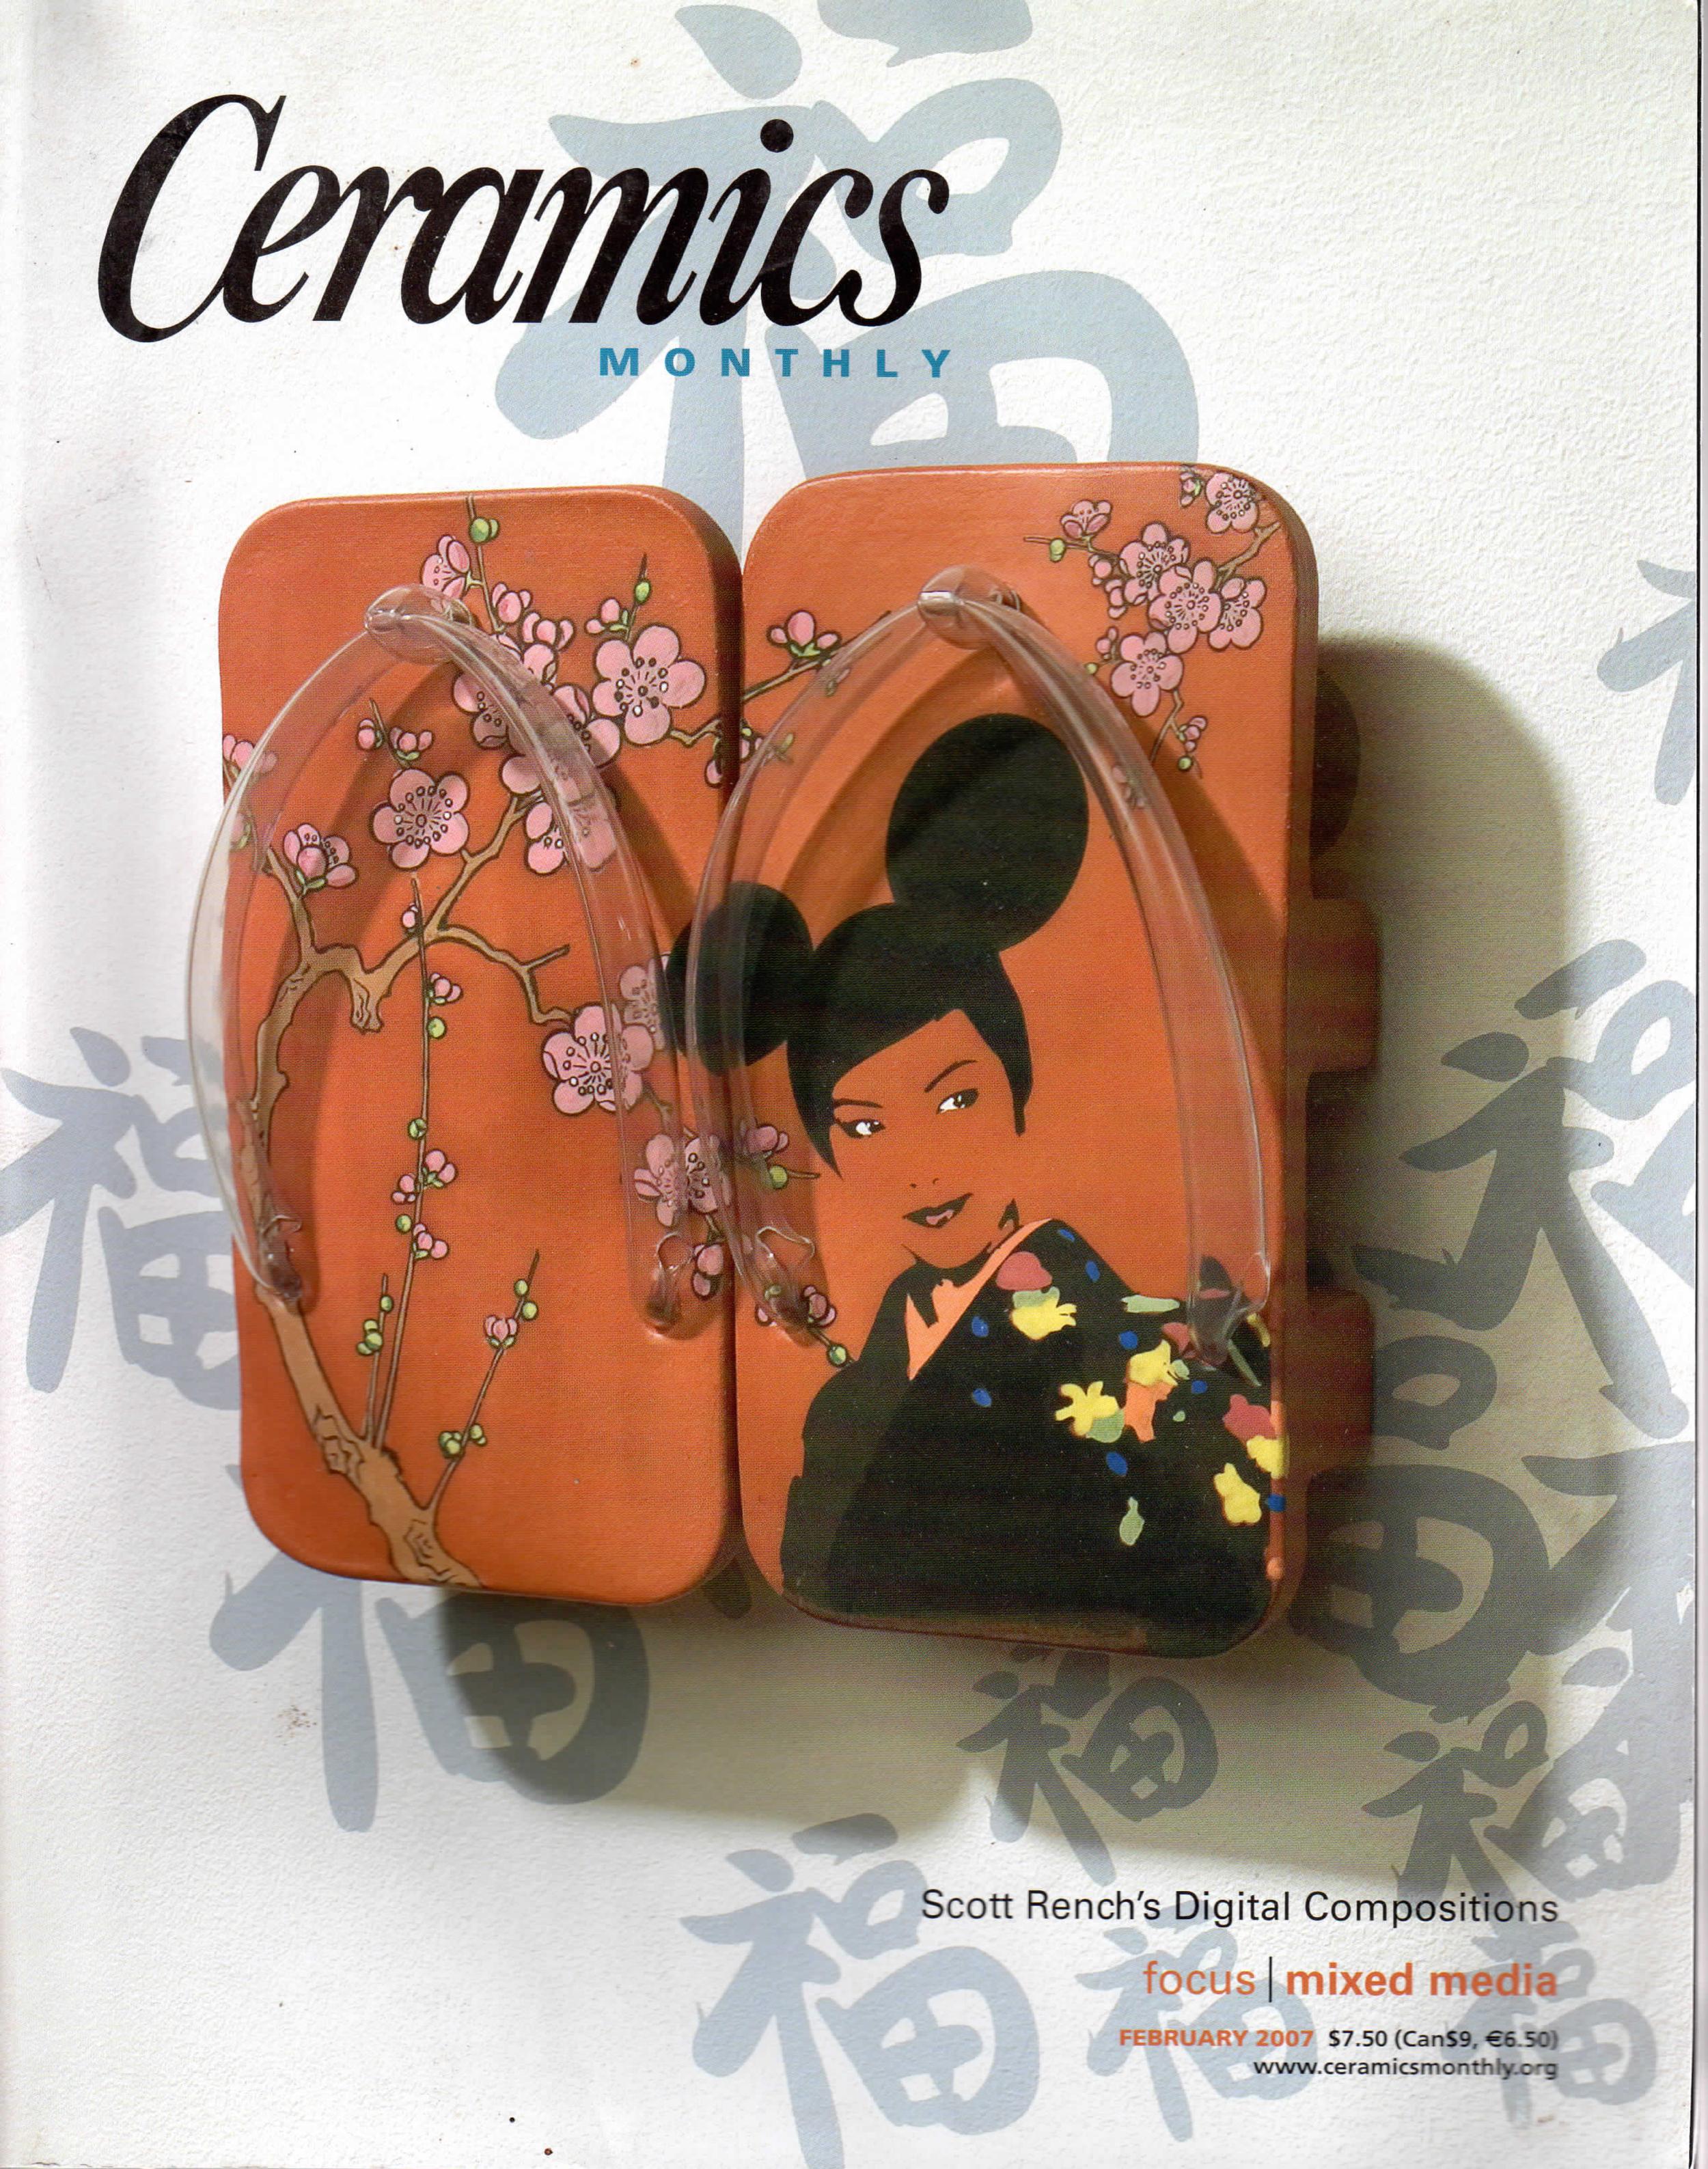 Ceramics Monthly Feb 2007